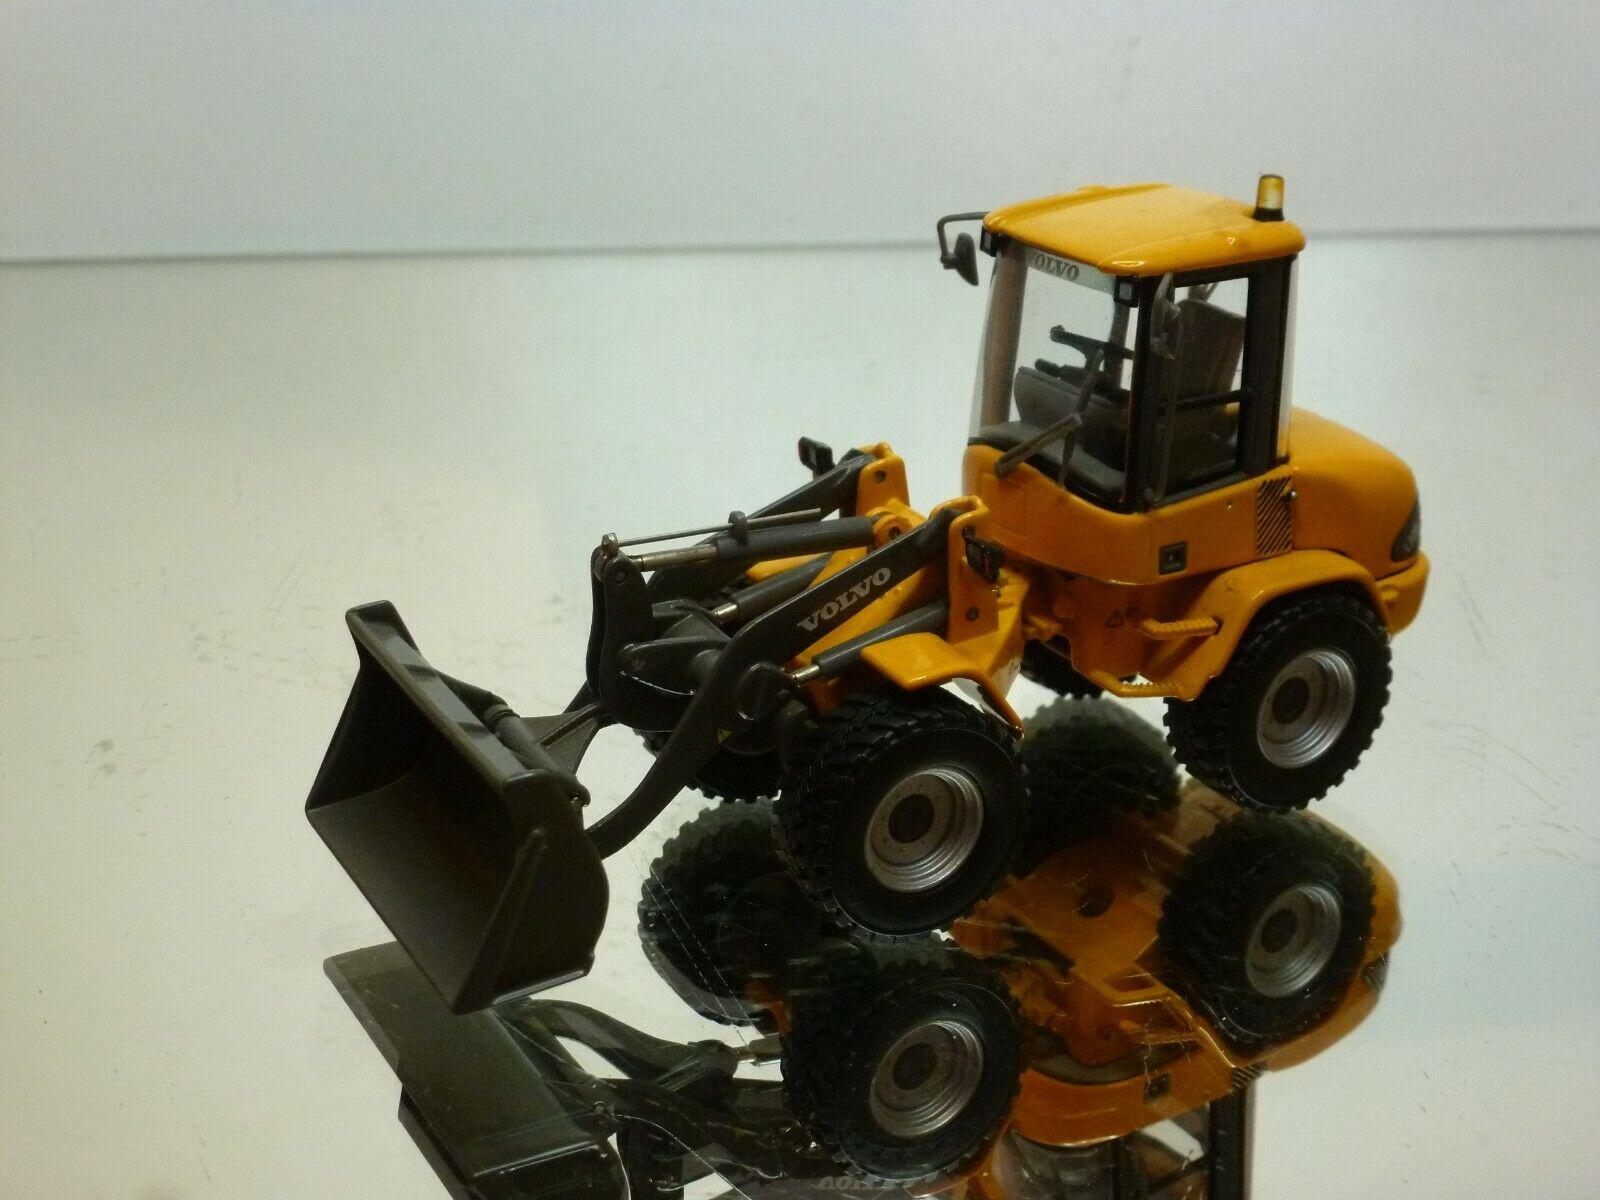 ventas en linea MOTORART VOLVO L30B WHEEL LOADER - - - amarillo + gris 1 50 - VERY GOOD CONDITION  entrega de rayos